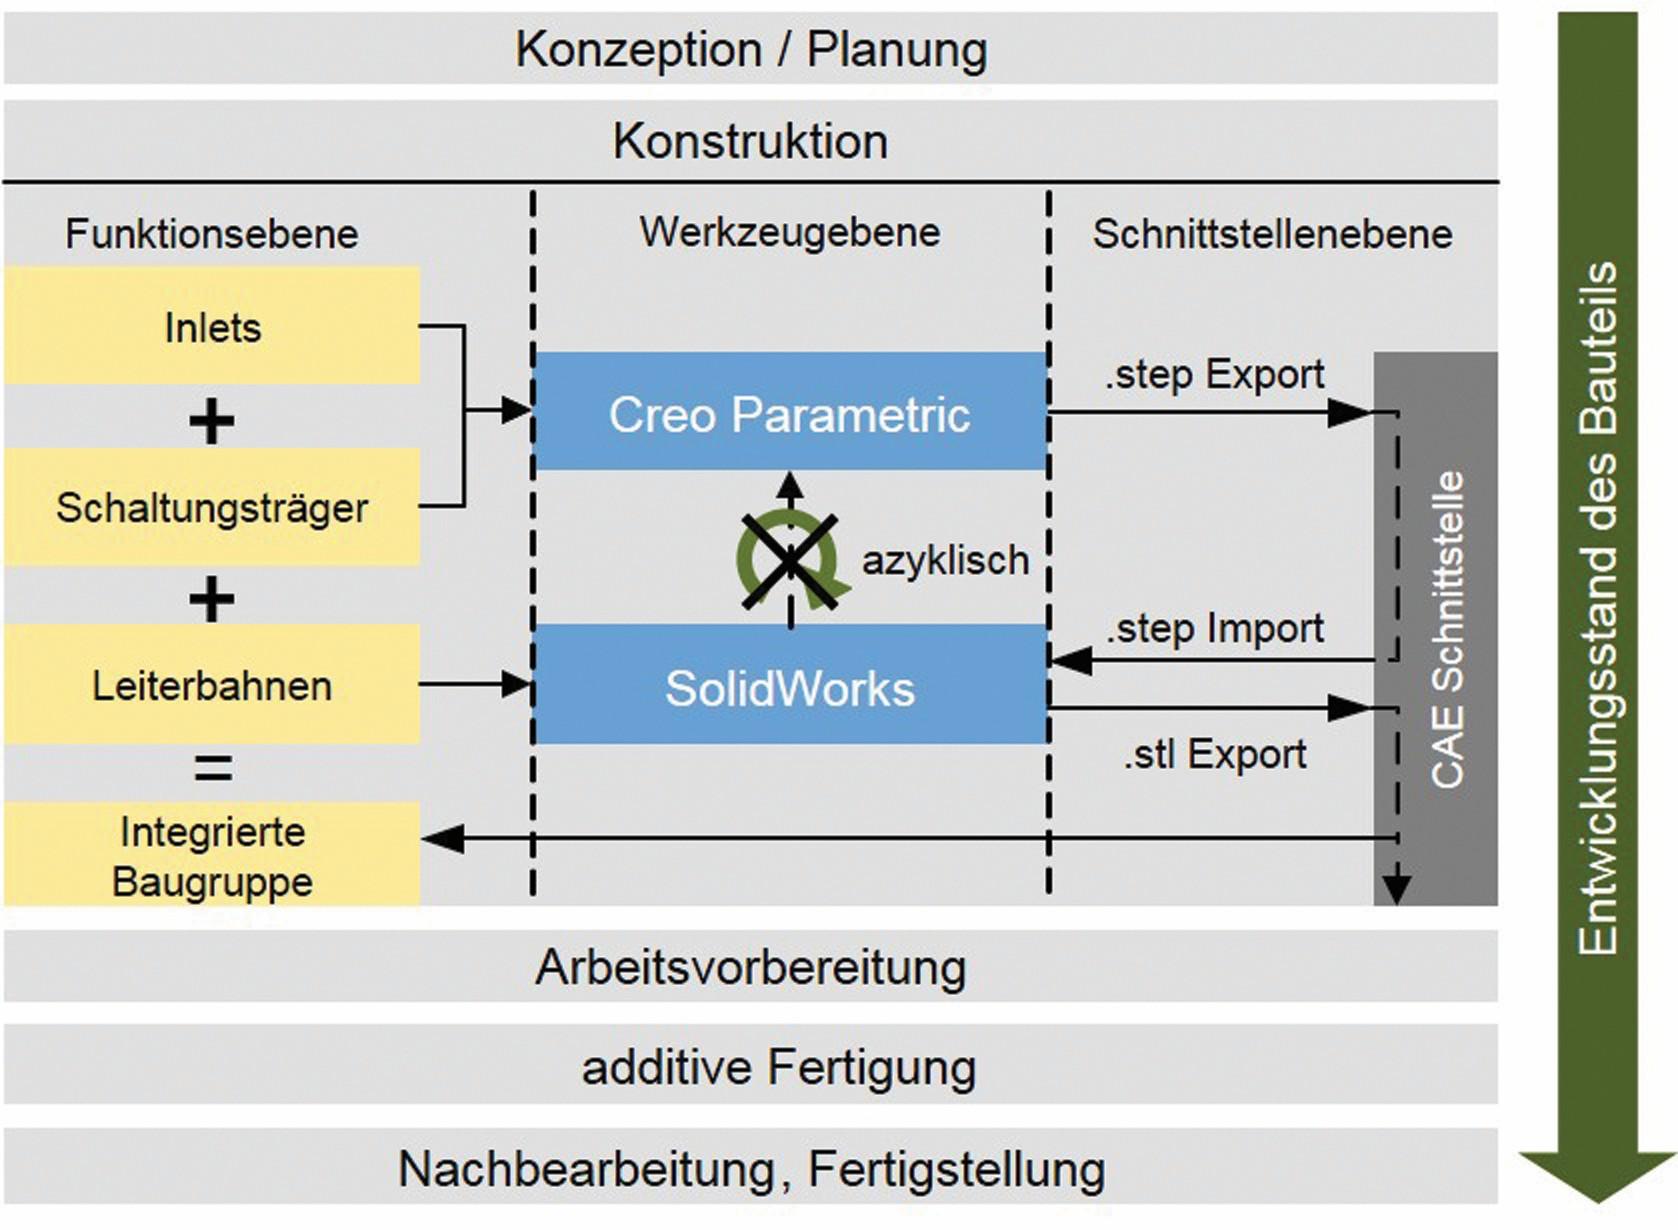 Bild 3: Der dargestellte Prozess visualisiert den Ist-Zustand des PEP, mit dem aktuell mechatronische Baugruppen für das Voxel8-Verfahren modelliert werden können. Dieser erweist sich als nicht optimal, da die Iterationsschleifen azyklischen Charakters sind. (Bild: FAU Erlangen-Nürnberg)